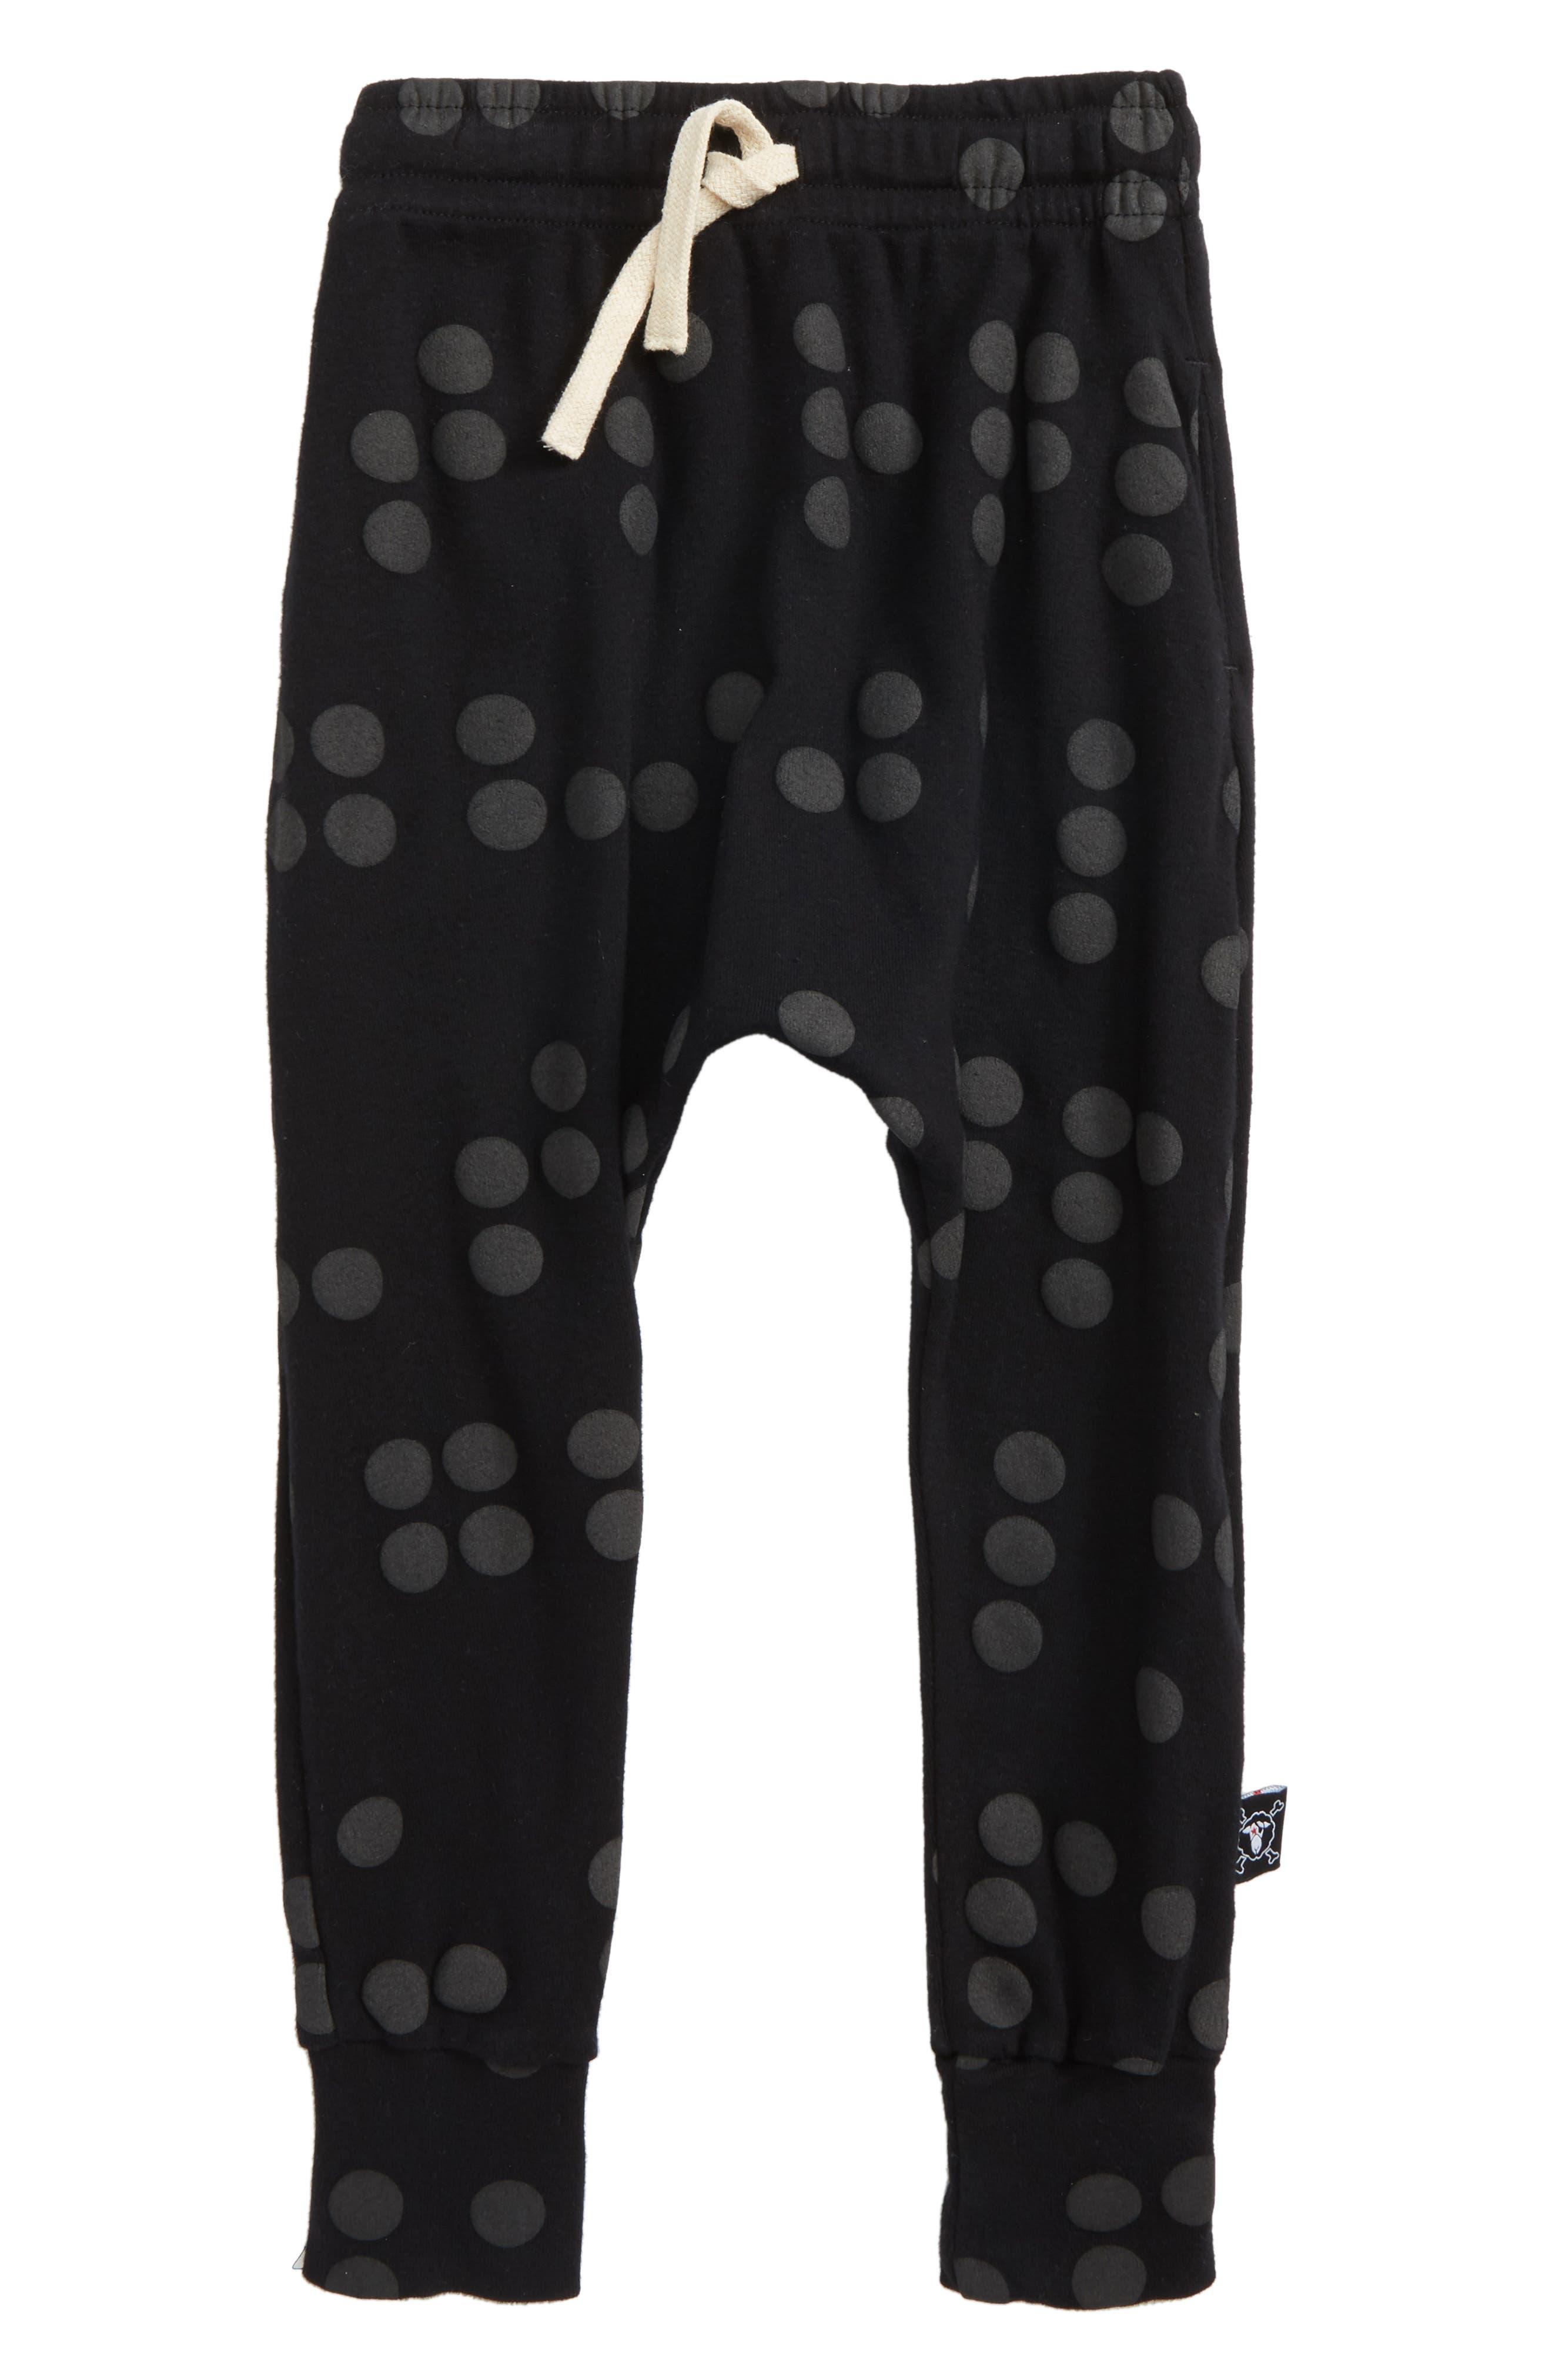 Braille Jogger Pants,                         Main,                         color,